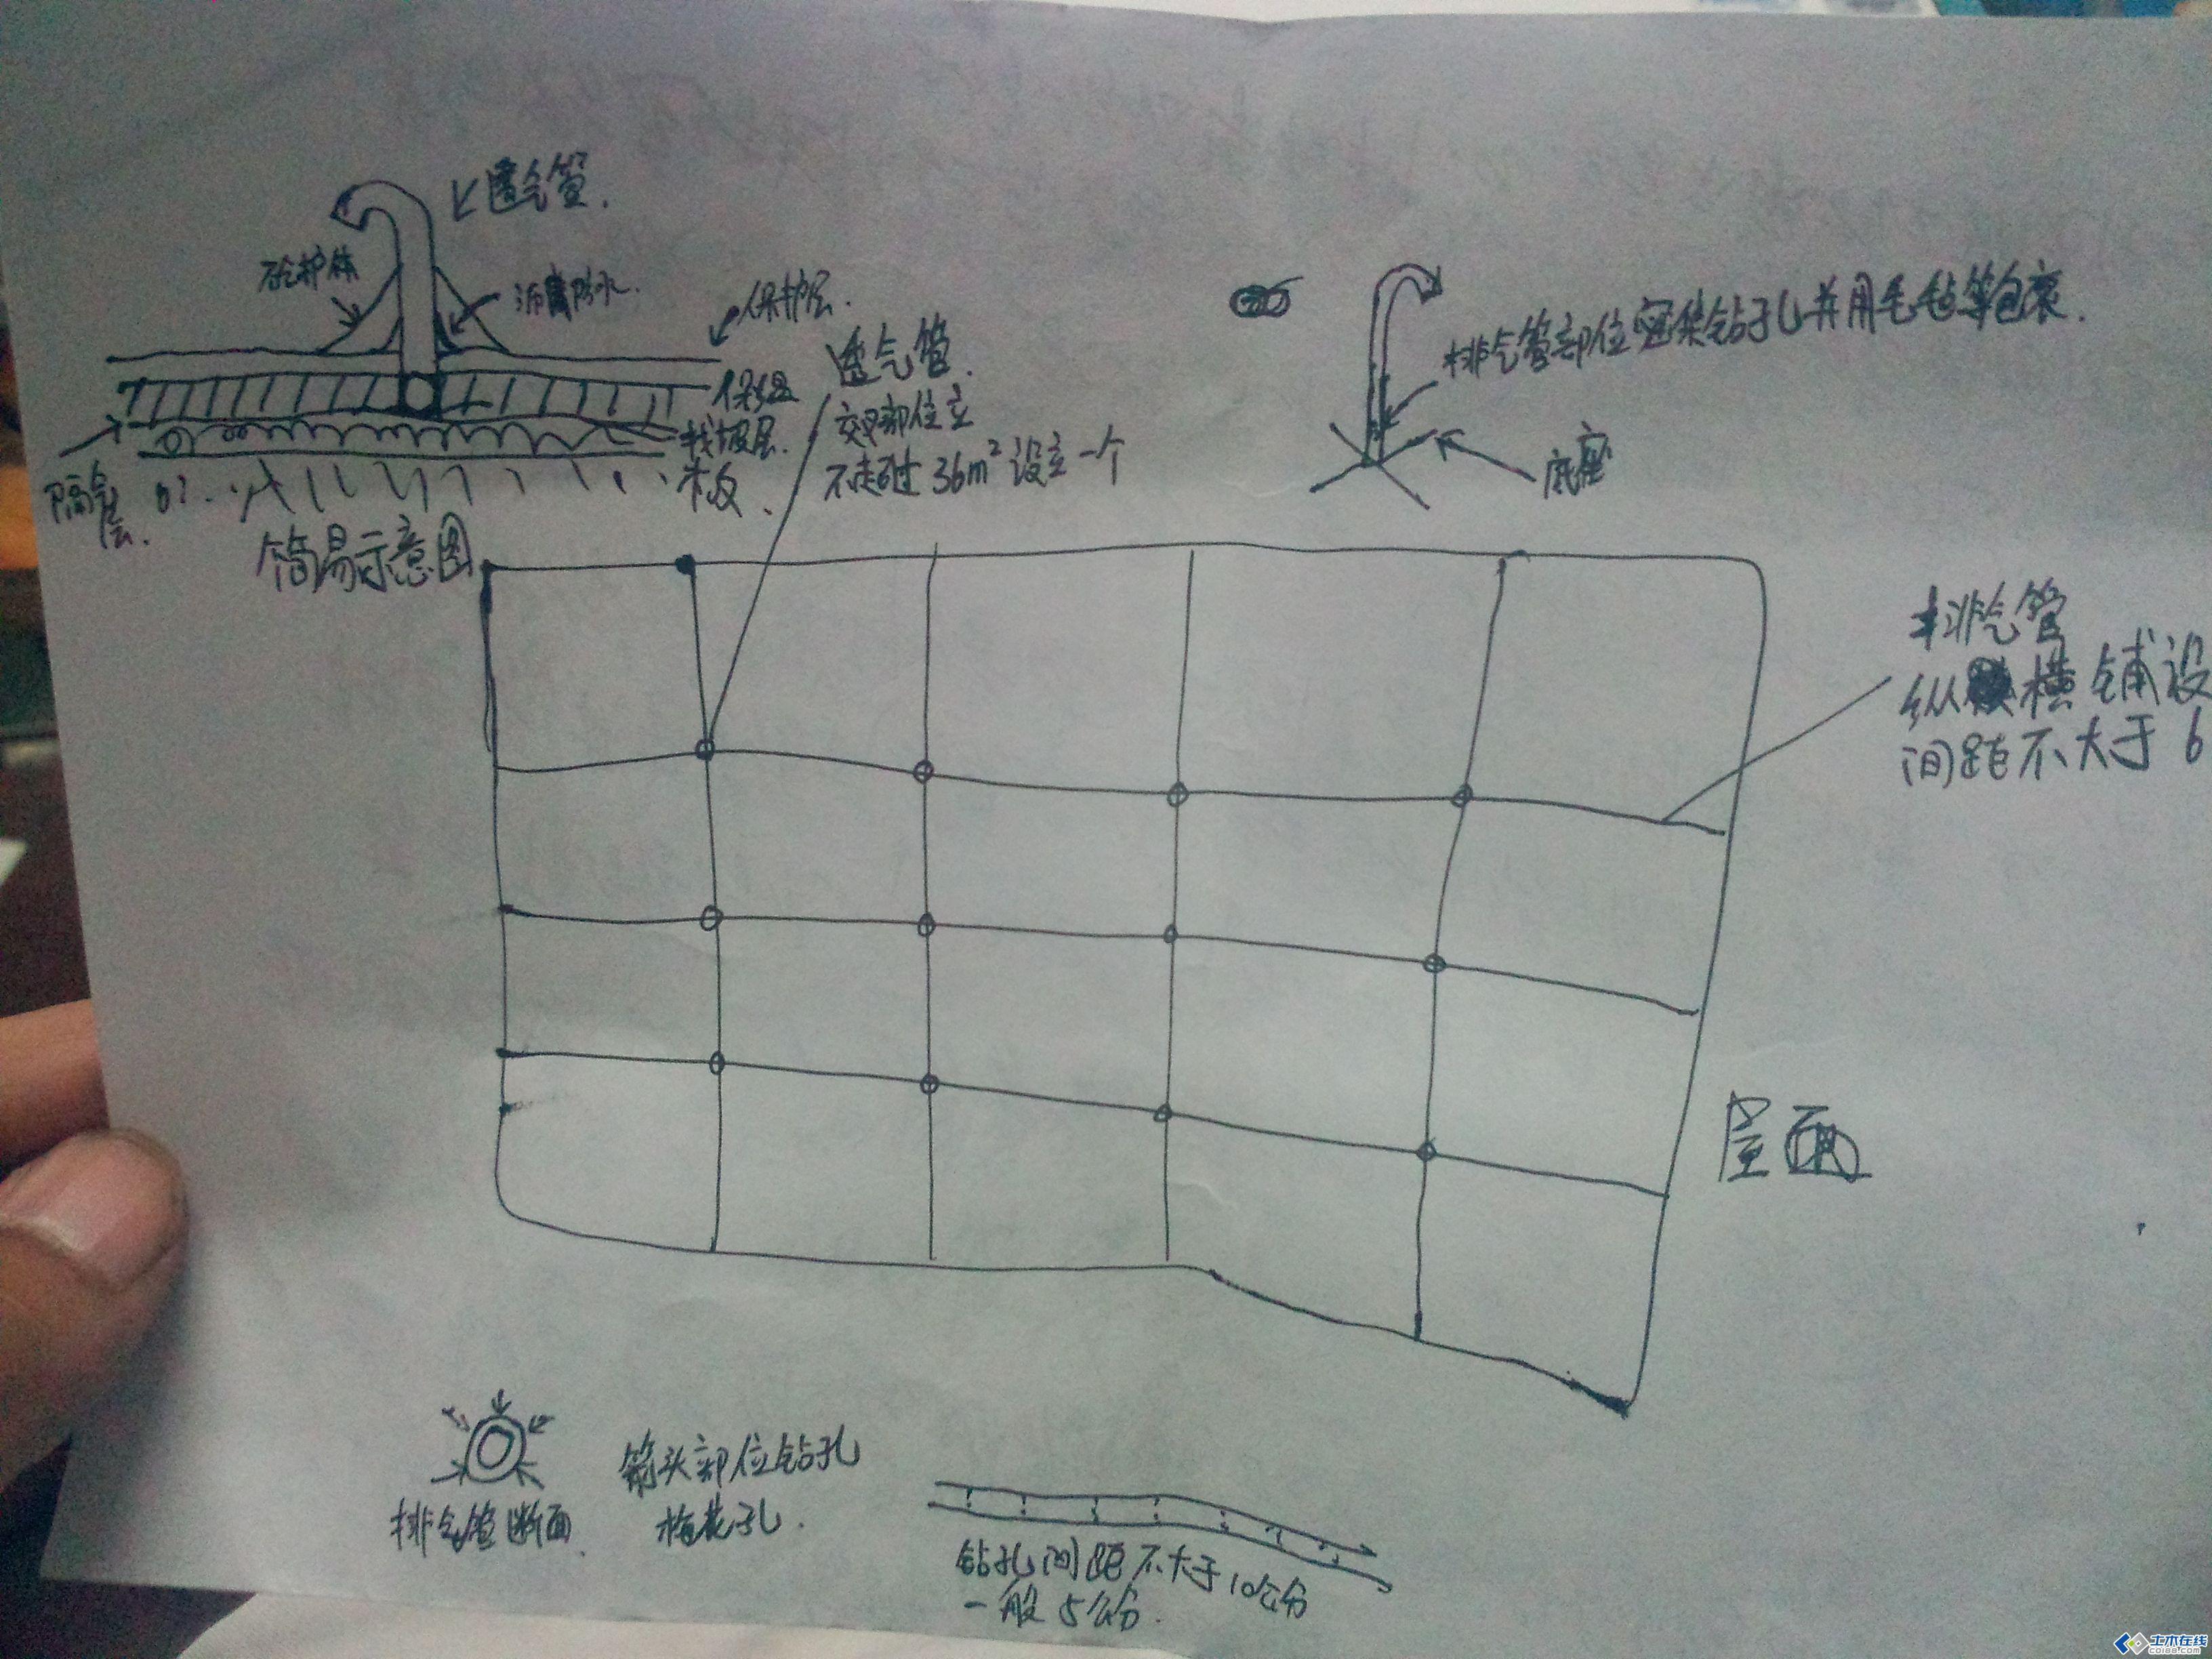 XPS聚苯板薄抹灰系统面砖饰面(钢网、玻纤网两种作法) 编制人: 审核人: 审批人: 河南源骏固抹泥科技实业有限公司 2010年4月6日 目 录 一、 编制依据及说明 二、 工程概况 三、 施工组织部署 四、 施工准备 五、 XPS聚苯板(面砖)饰面系统组成(钢网、玻纤网两种作法) 六、 施工条件